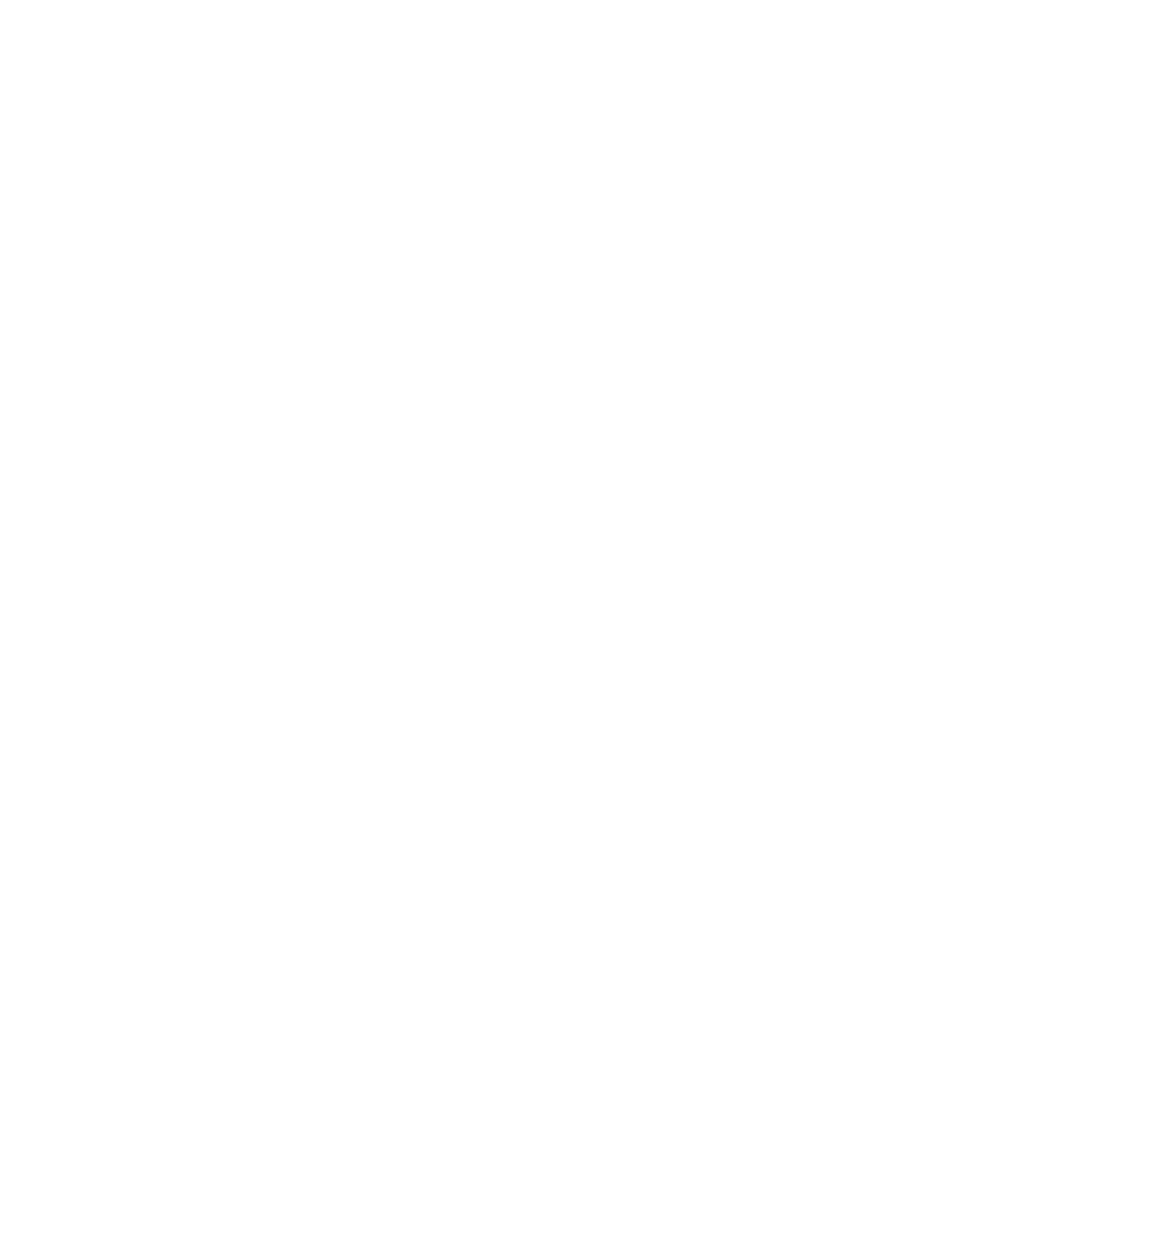 Nafta-service